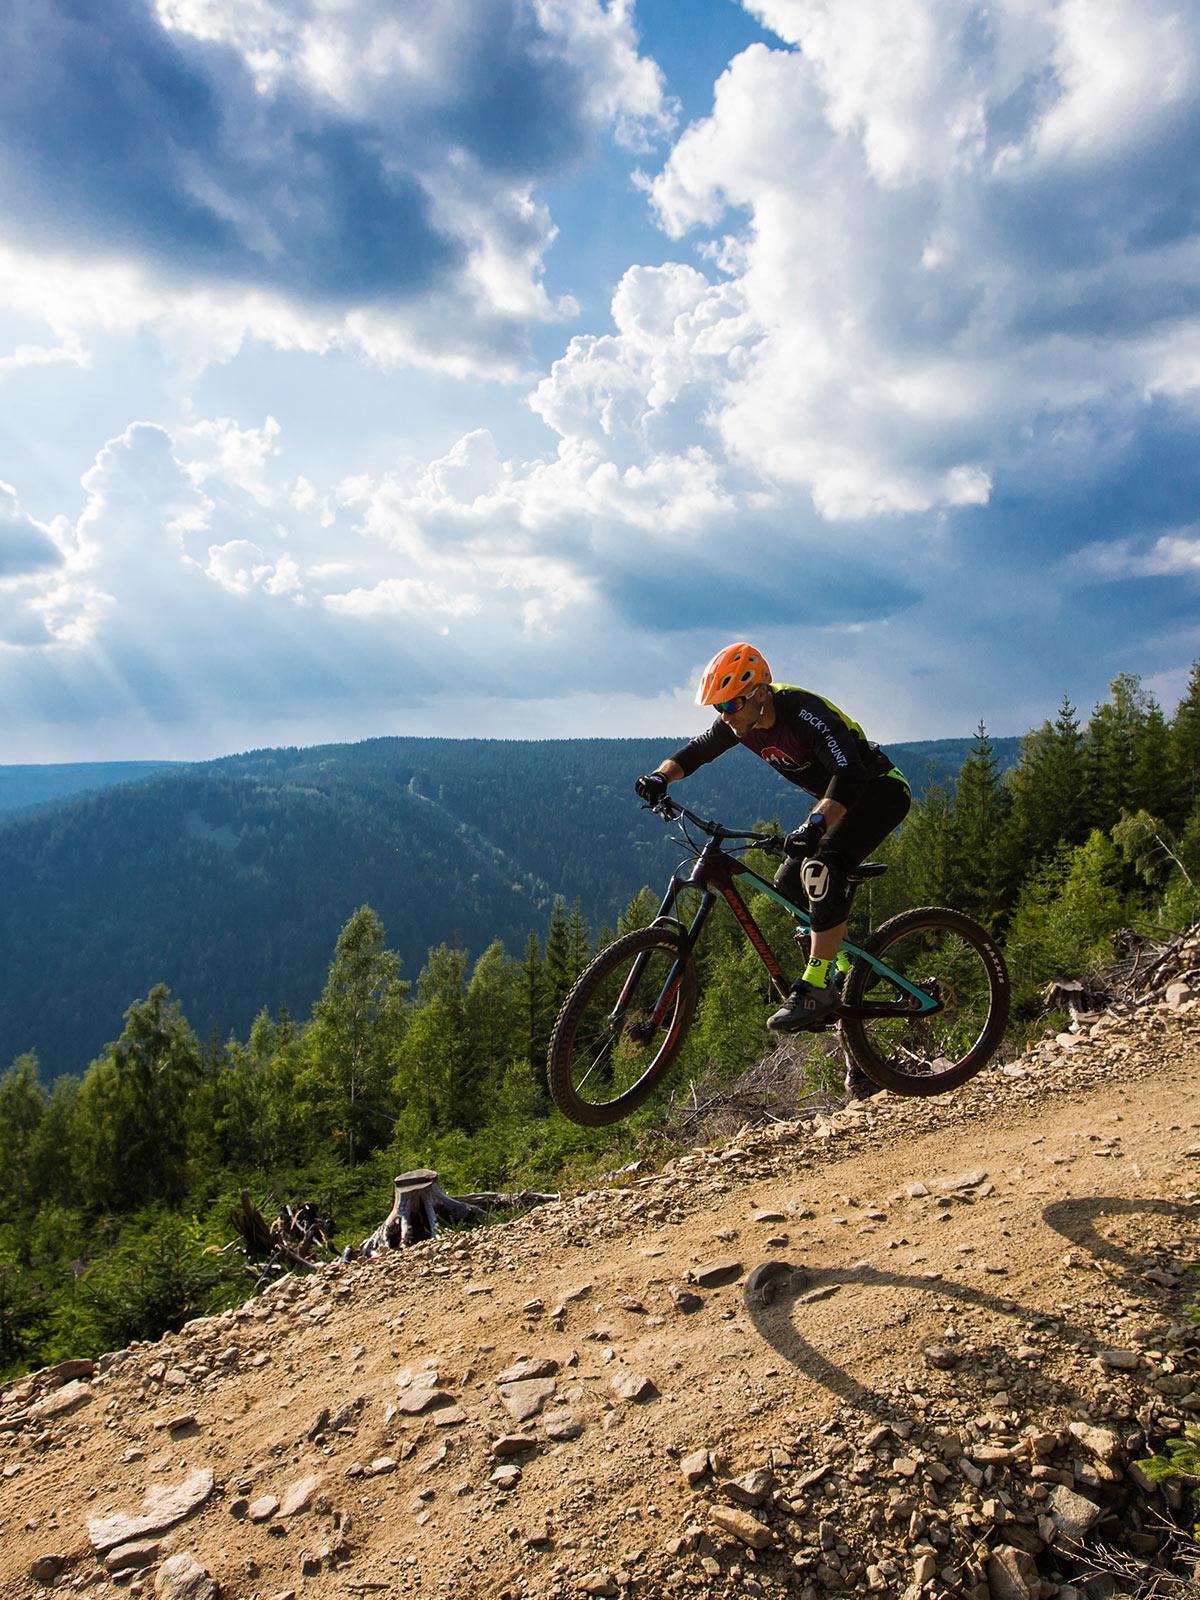 Trail park Klínovec nabízí parádní příležitosti k cyklistickým radovánkám. Foto: trailparkklinovec.cz